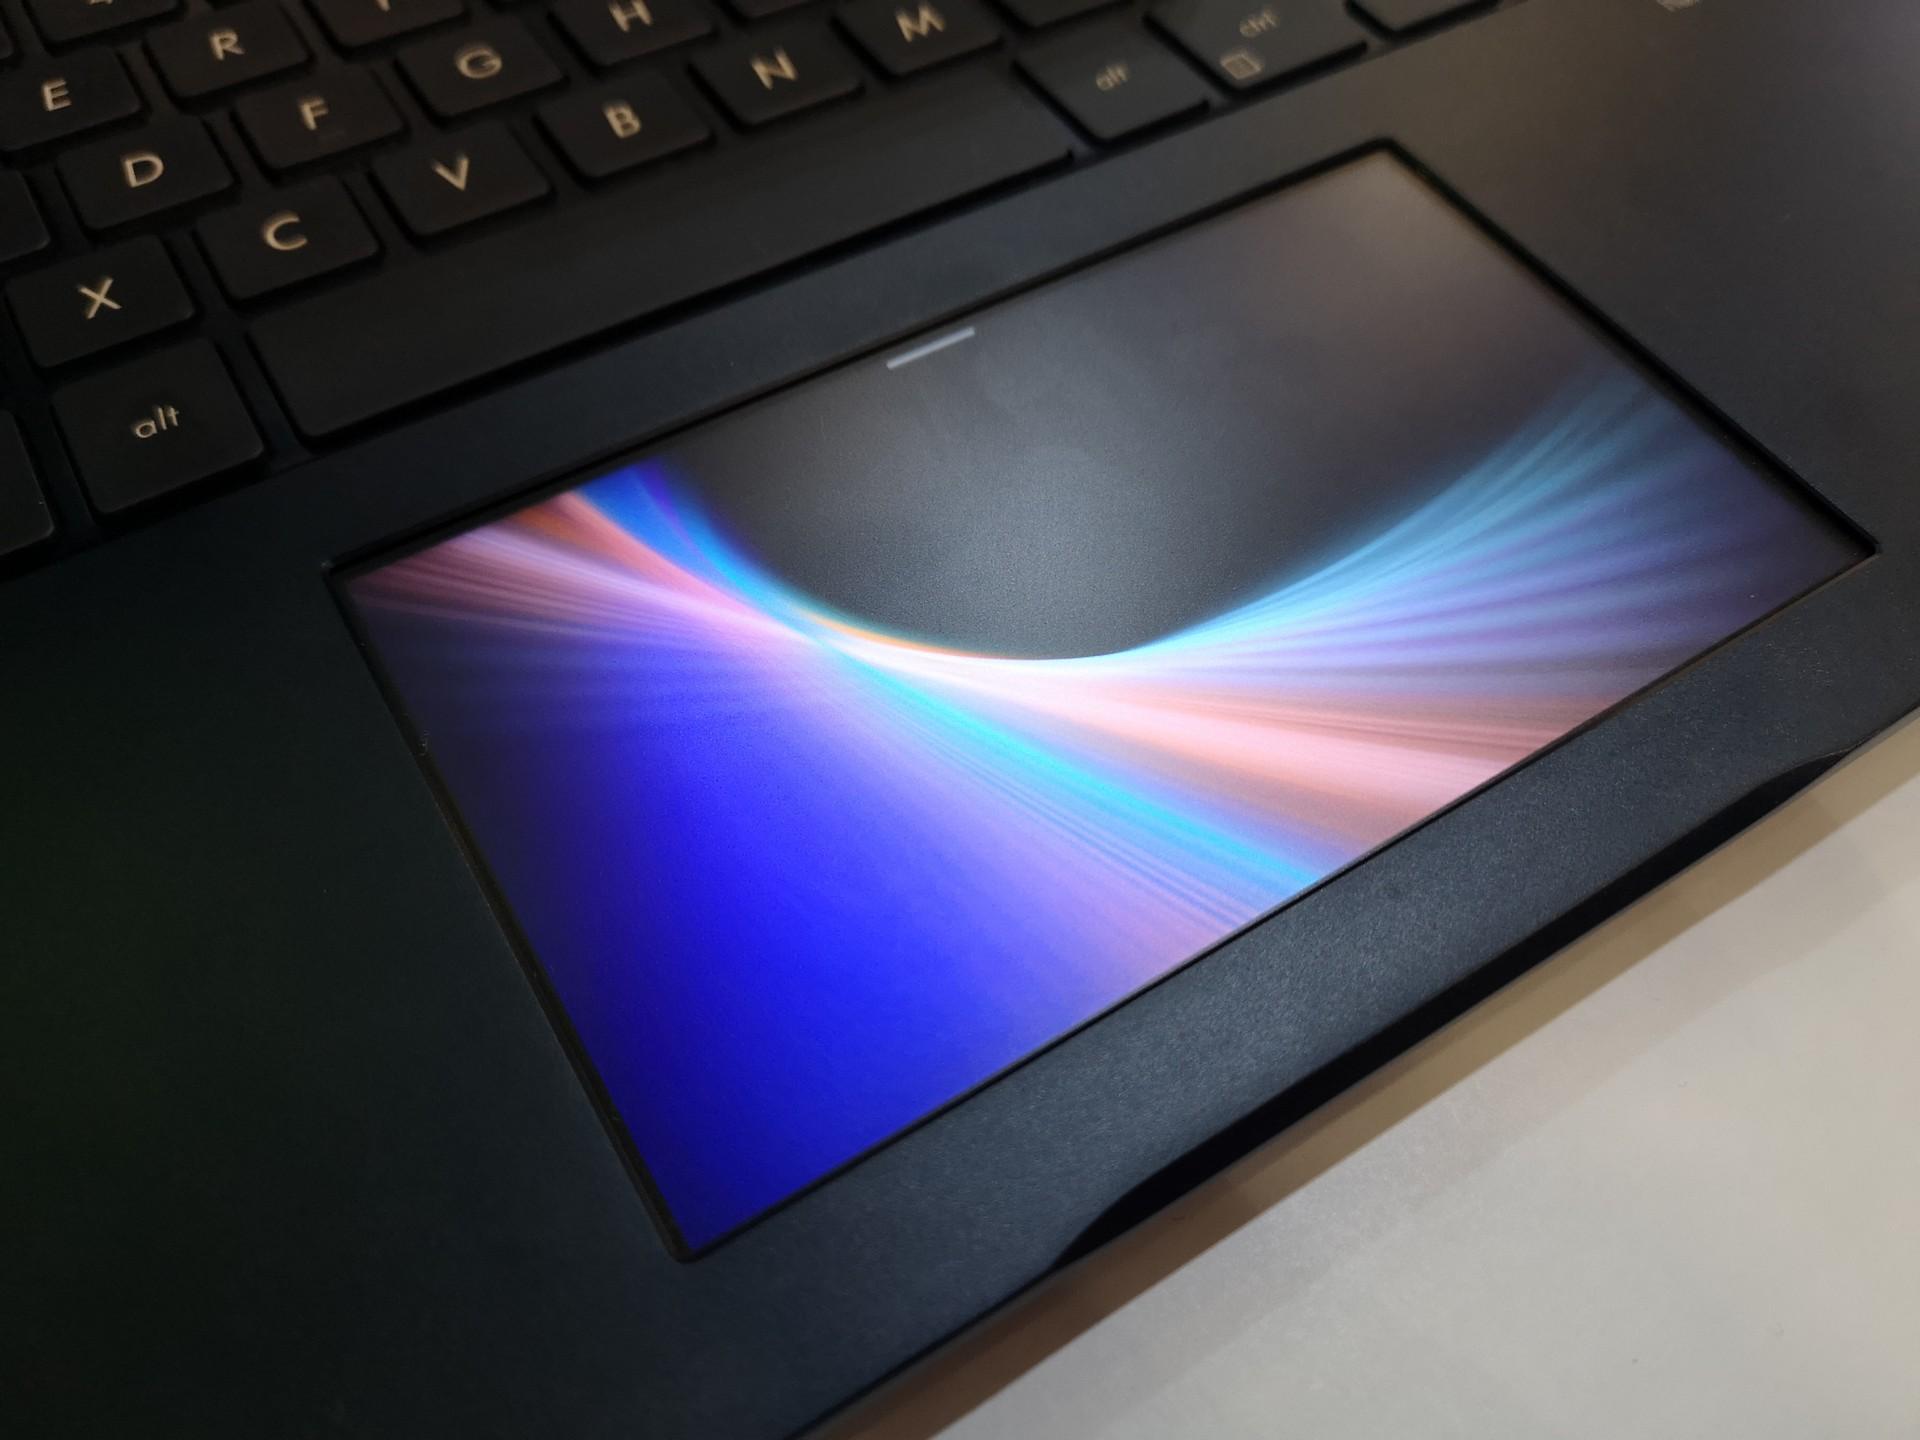 Asus ZenBook Pro, il touchpad diventa ScreenPad e rivoluziona l'uso del portatile